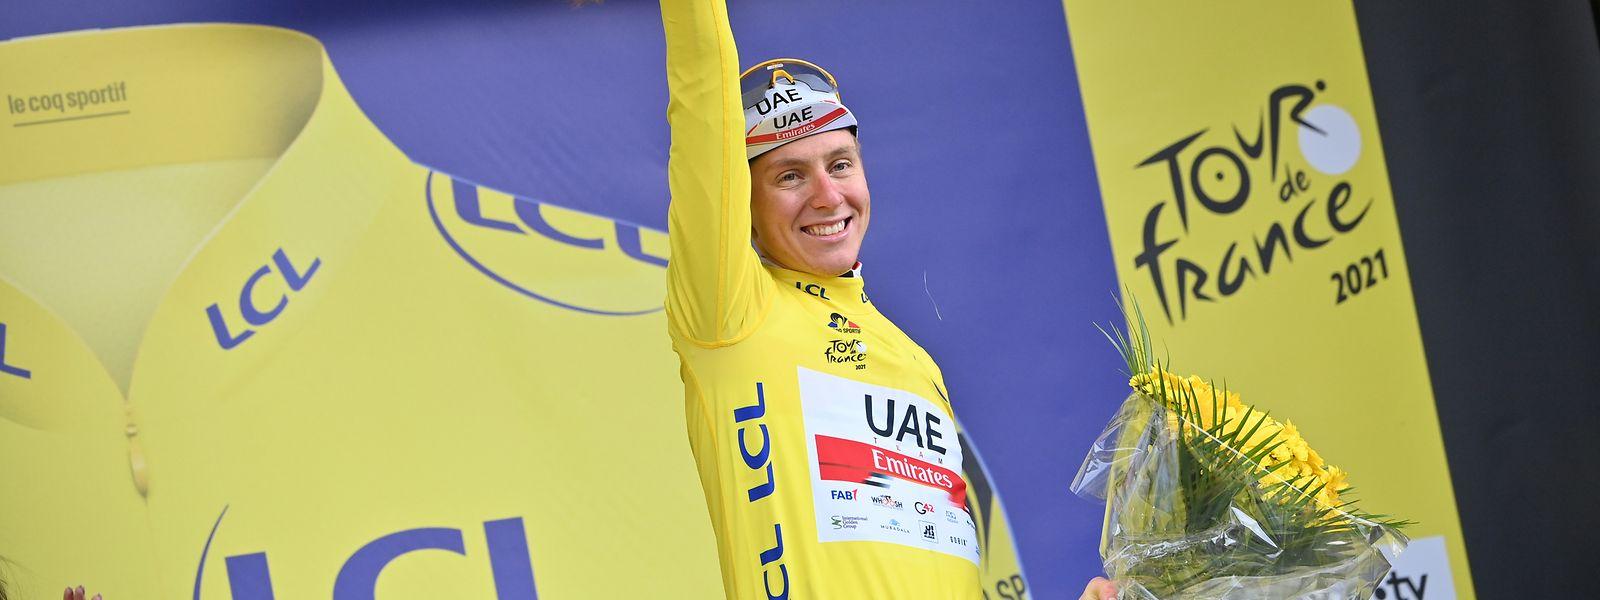 Bislang verläuft die 108. Tour de France für Tadej Pogacar nach Plan.